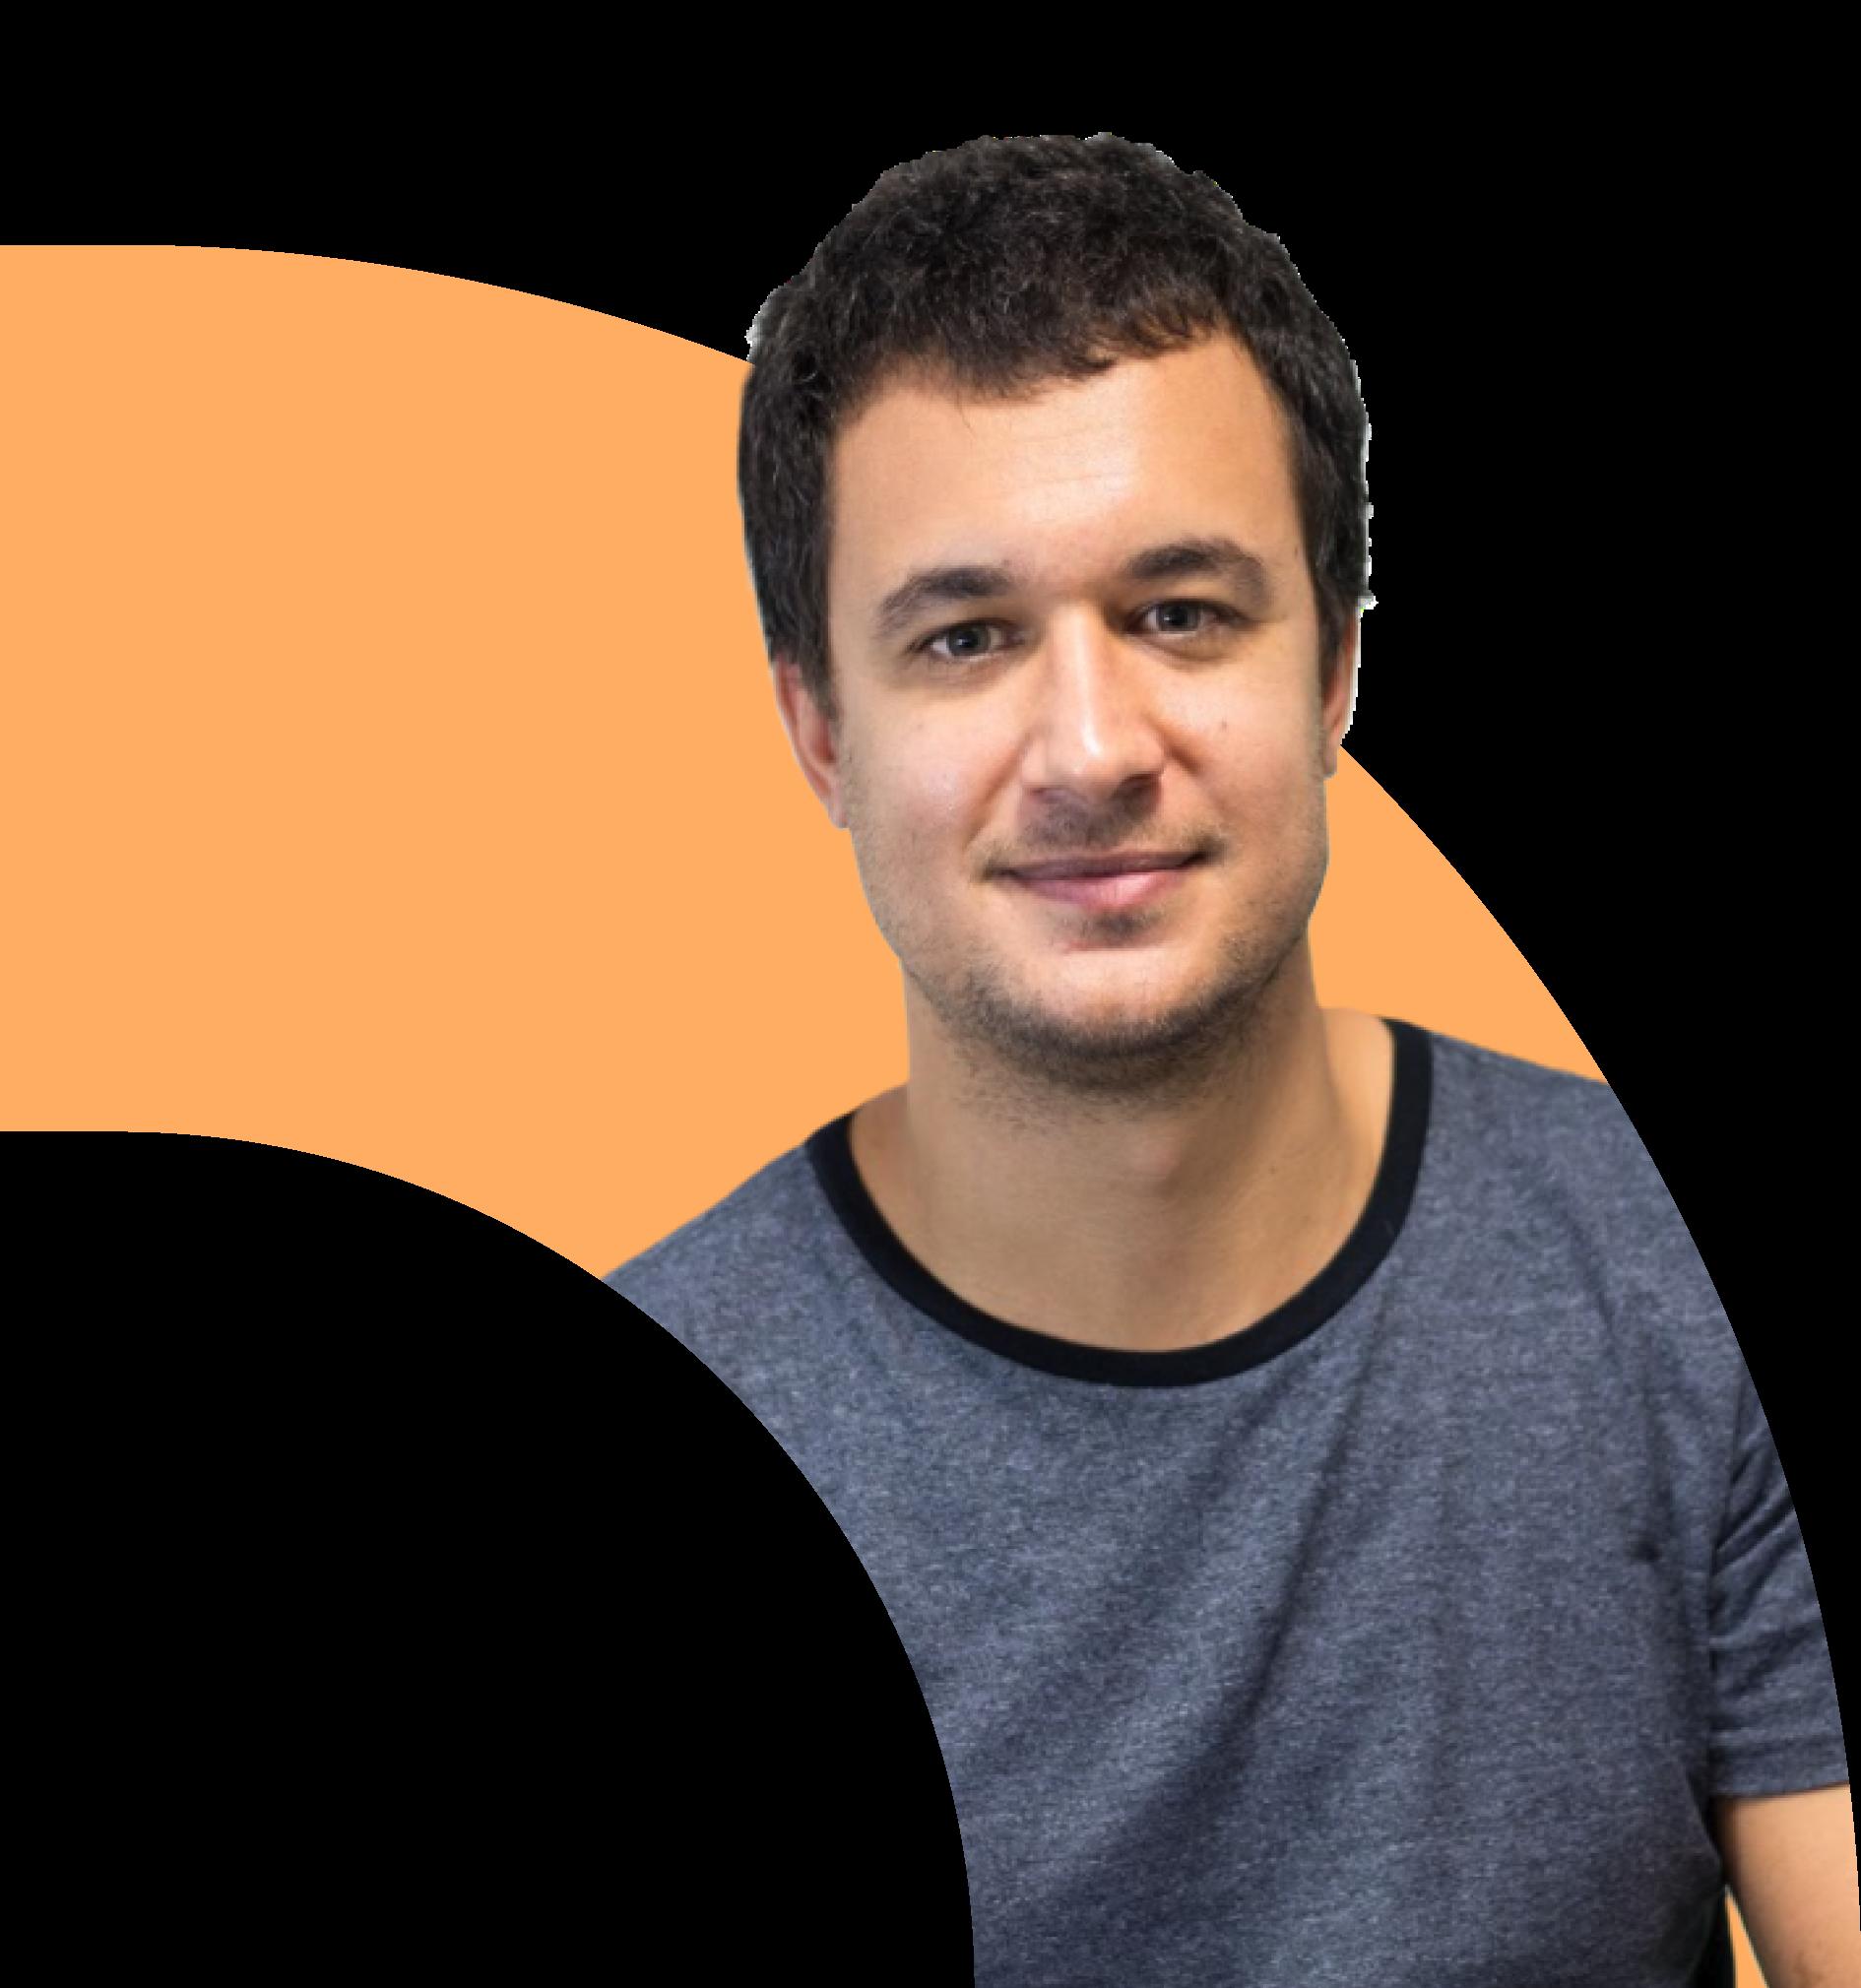 Damián Horn, Head of Design at Tiendanube